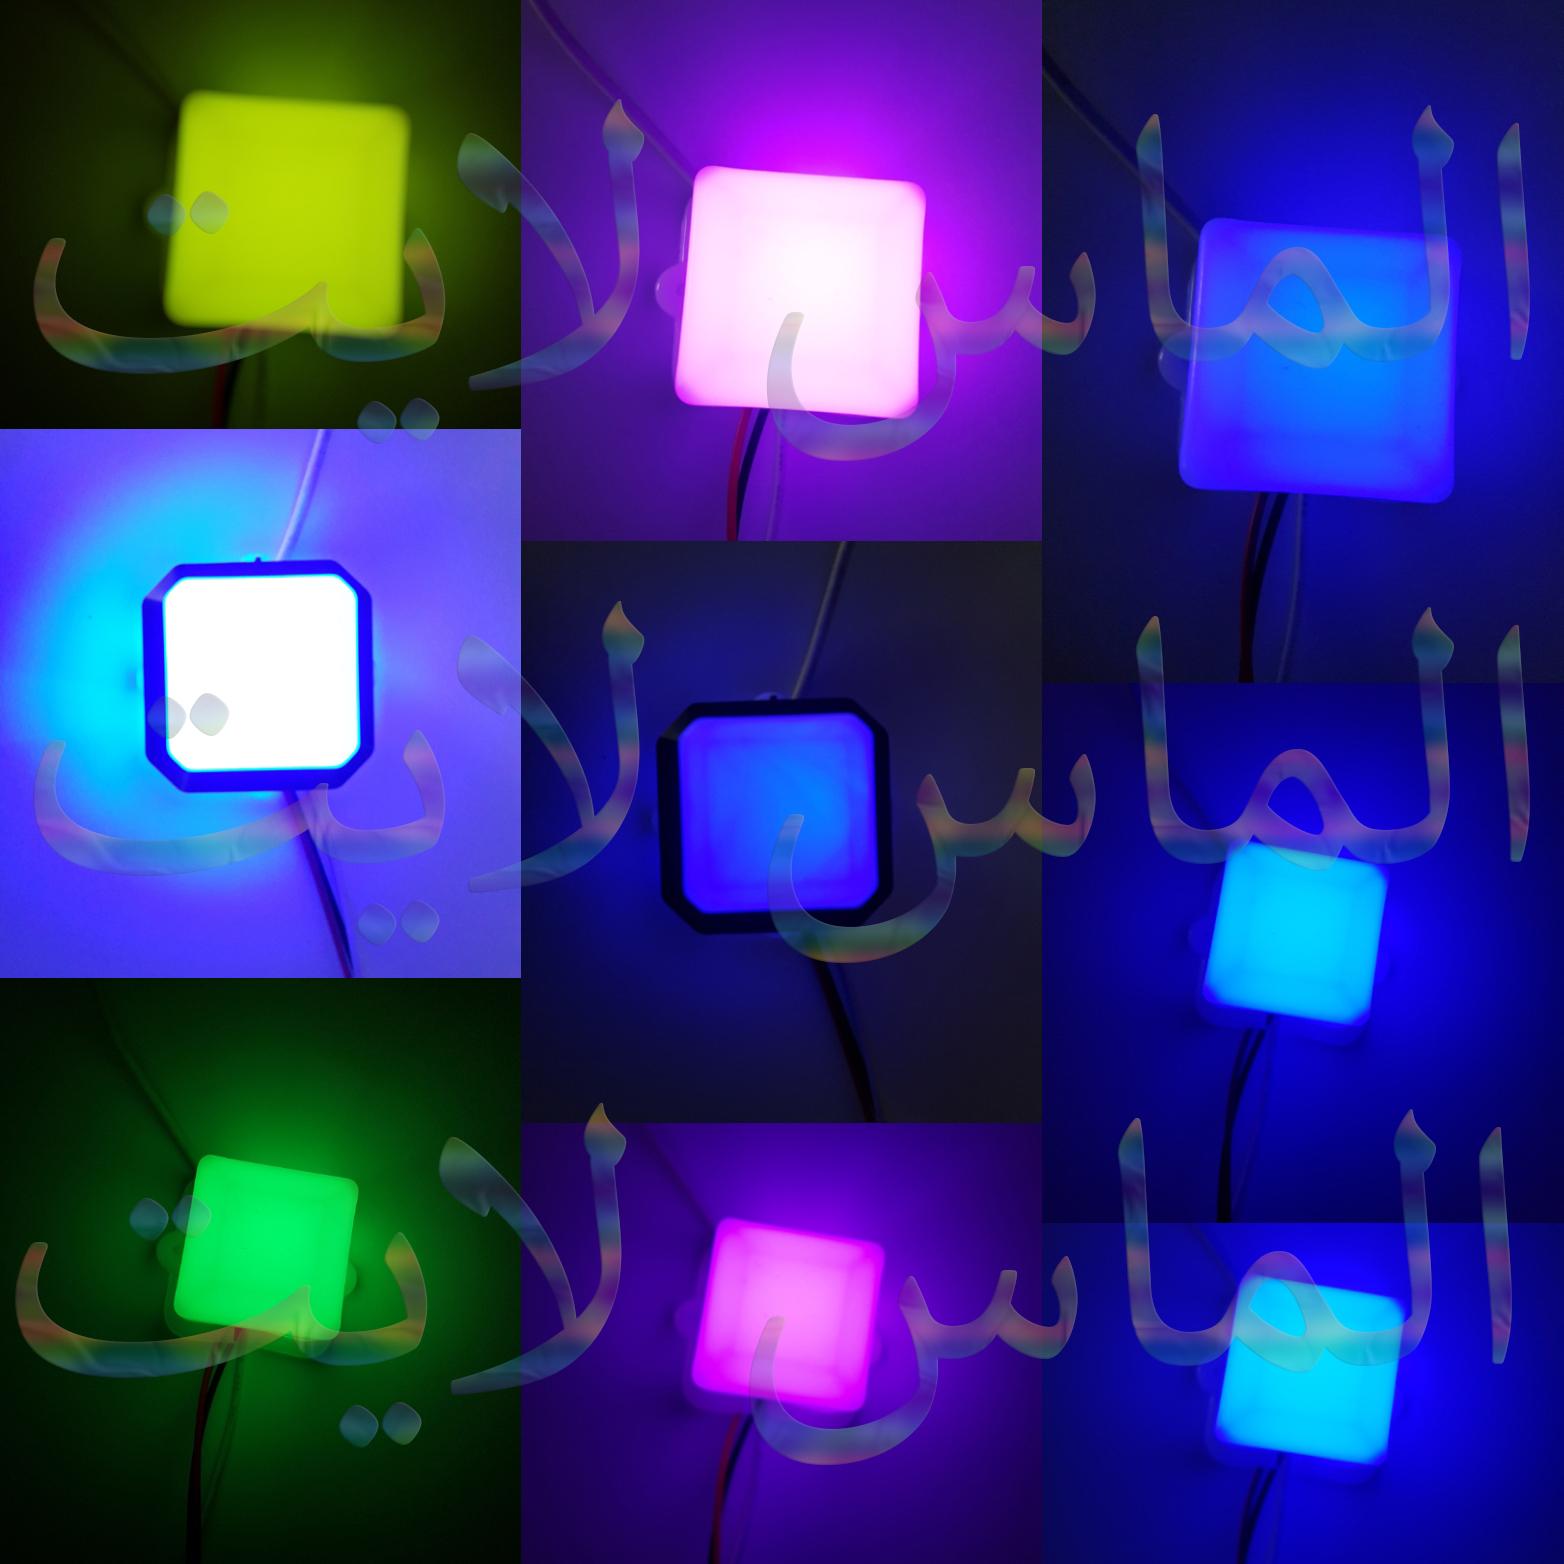 لامپ شهربازی صنایع روشنایی الماس لایت